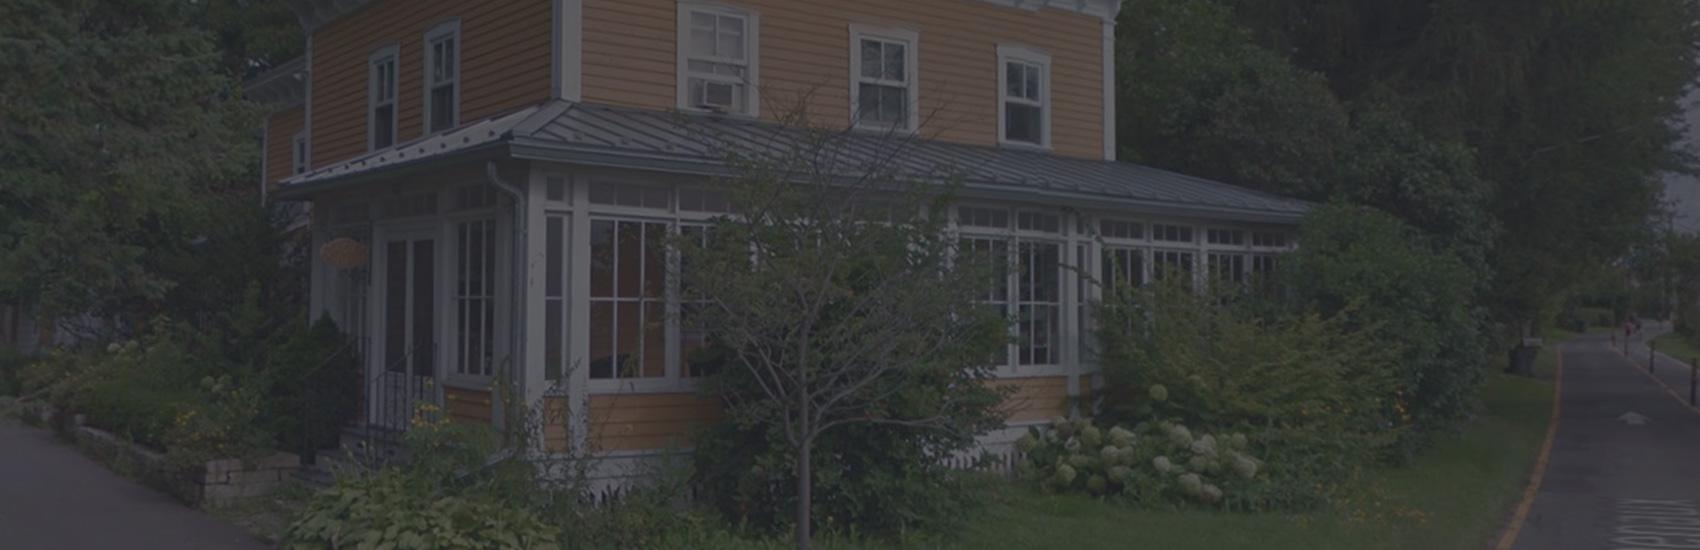 Fin de la rumeur concernant la maison de Lionel Groulx: elle ne sera pas démolie